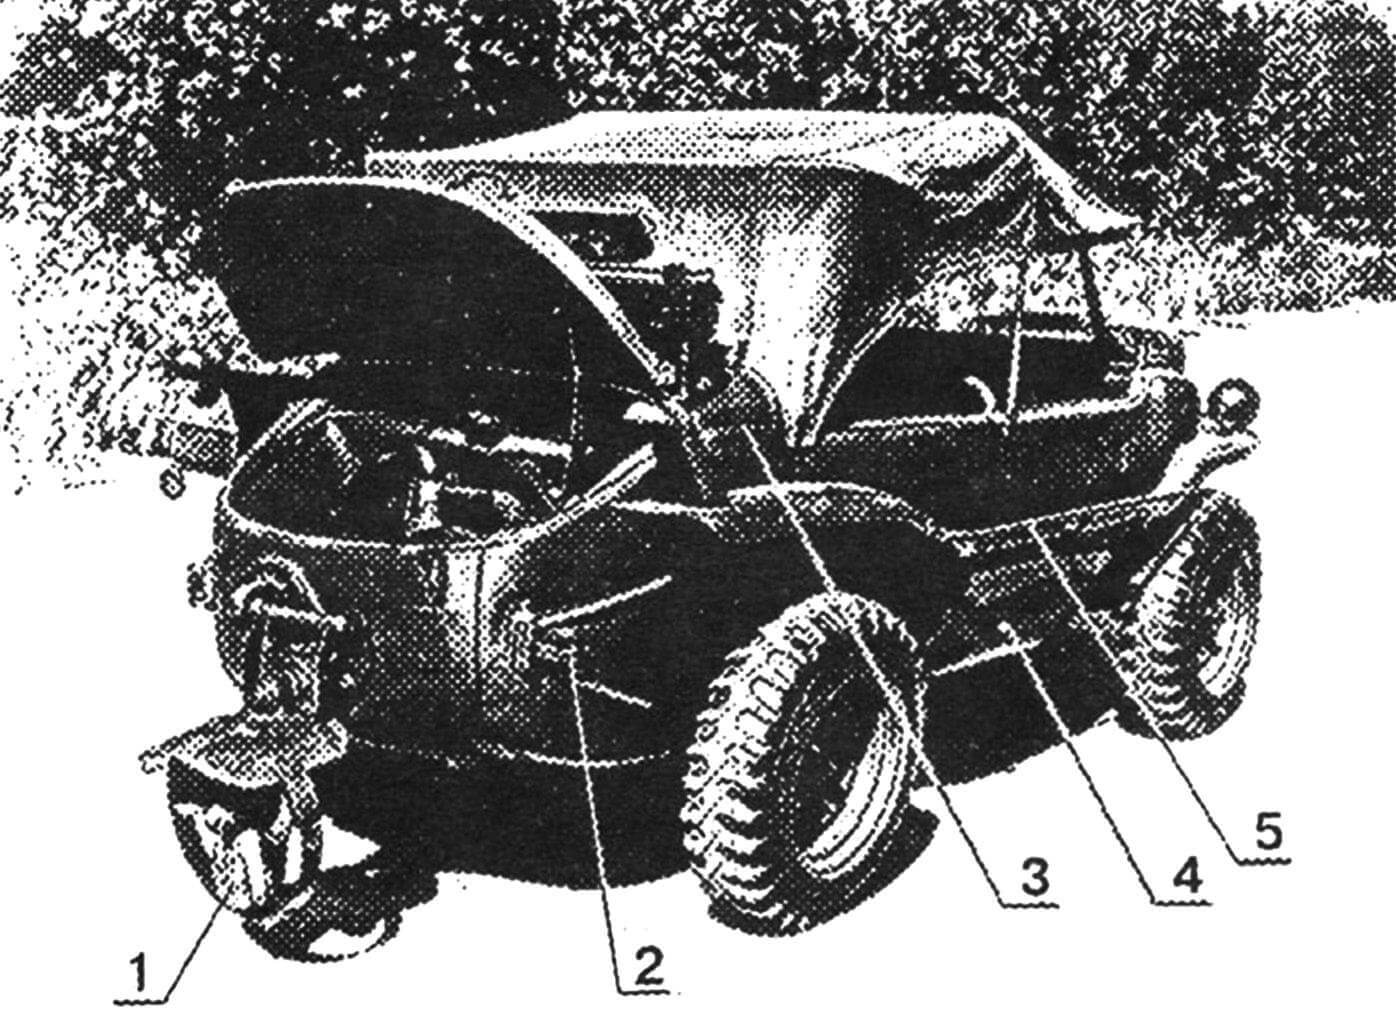 Вид амфибии сзади справа: 1 — винт гребной; 2 — крюк буксирный, откидной; 3 — решетка выхода воздуха из отсека двигателя; 4 — патрубок насоса откачки воды; 5 — поручень.